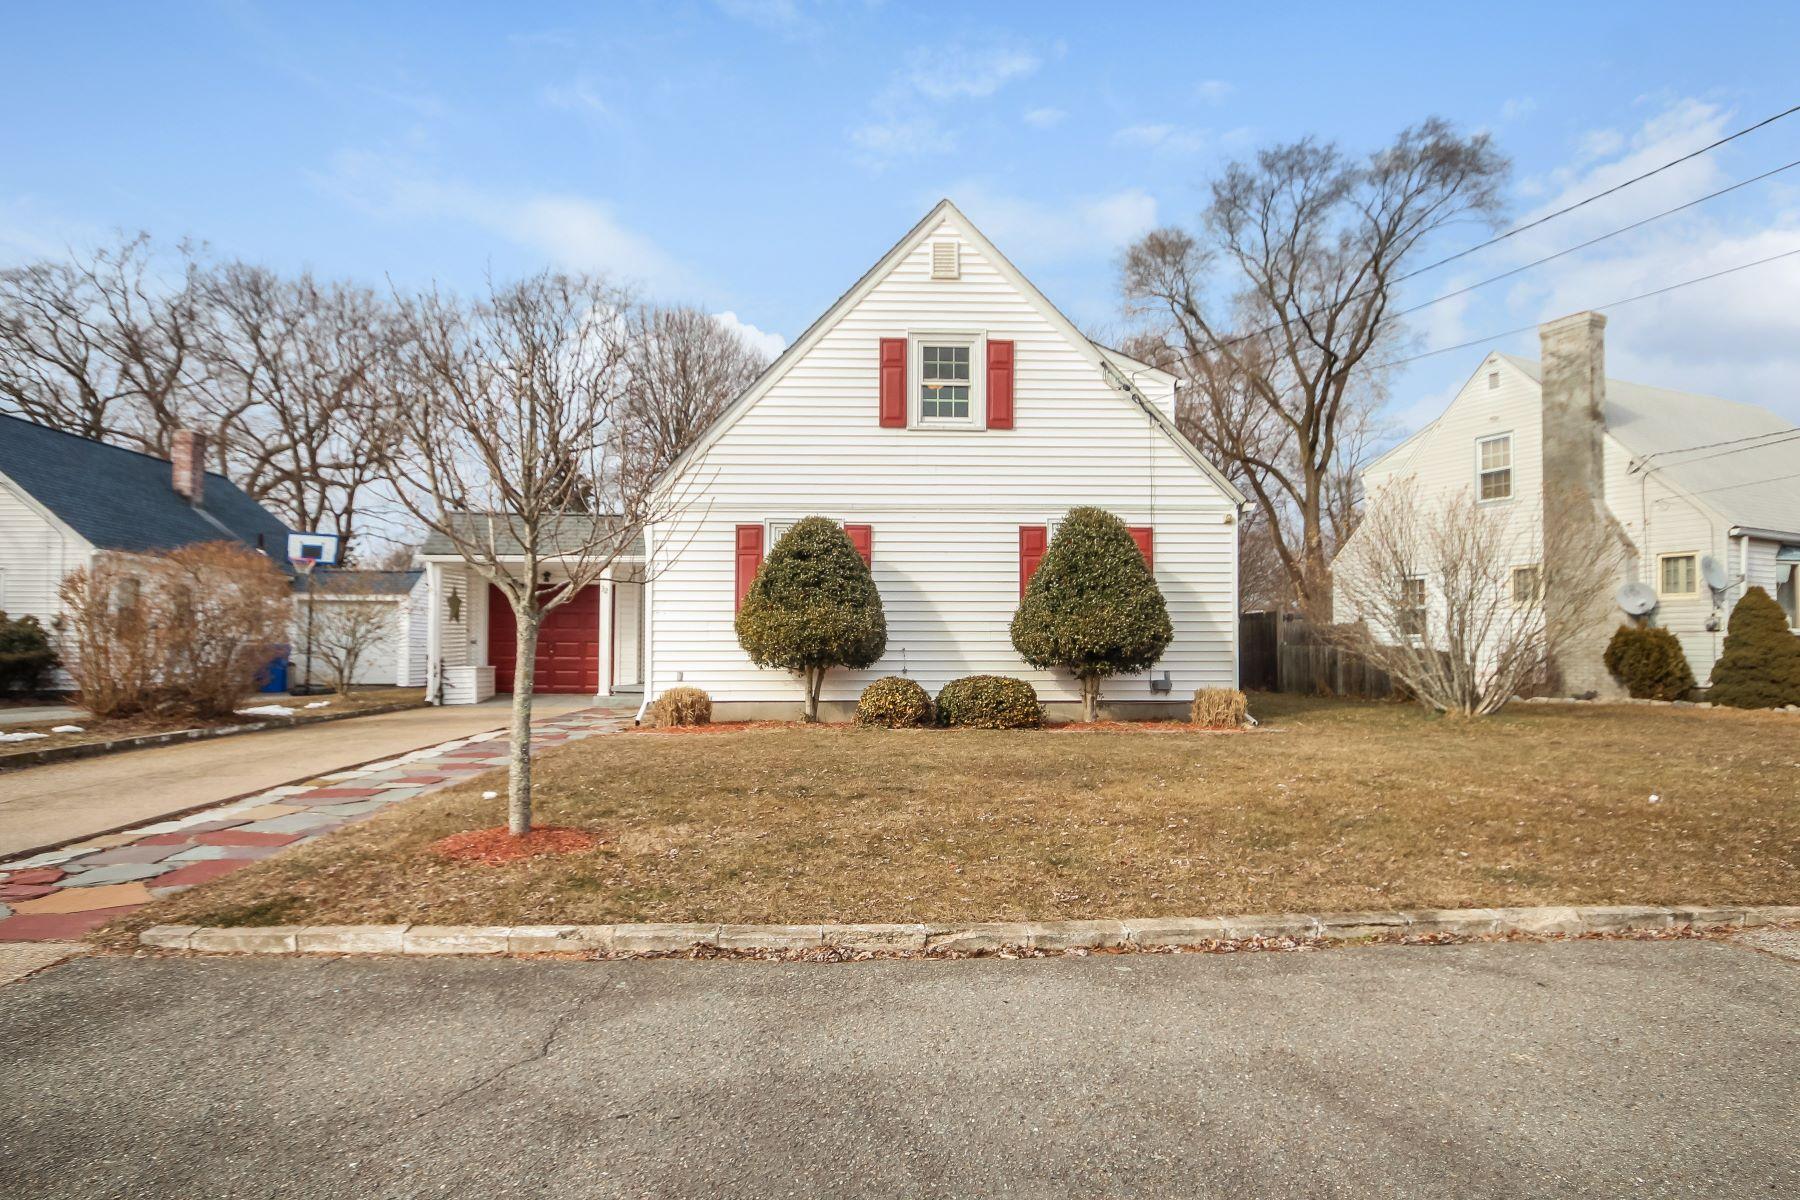 Eensgezinswoning voor Verkoop op 32 Arland Dr, Pawtucket, RI Pawtucket, Rhode Island 02861 Verenigde Staten